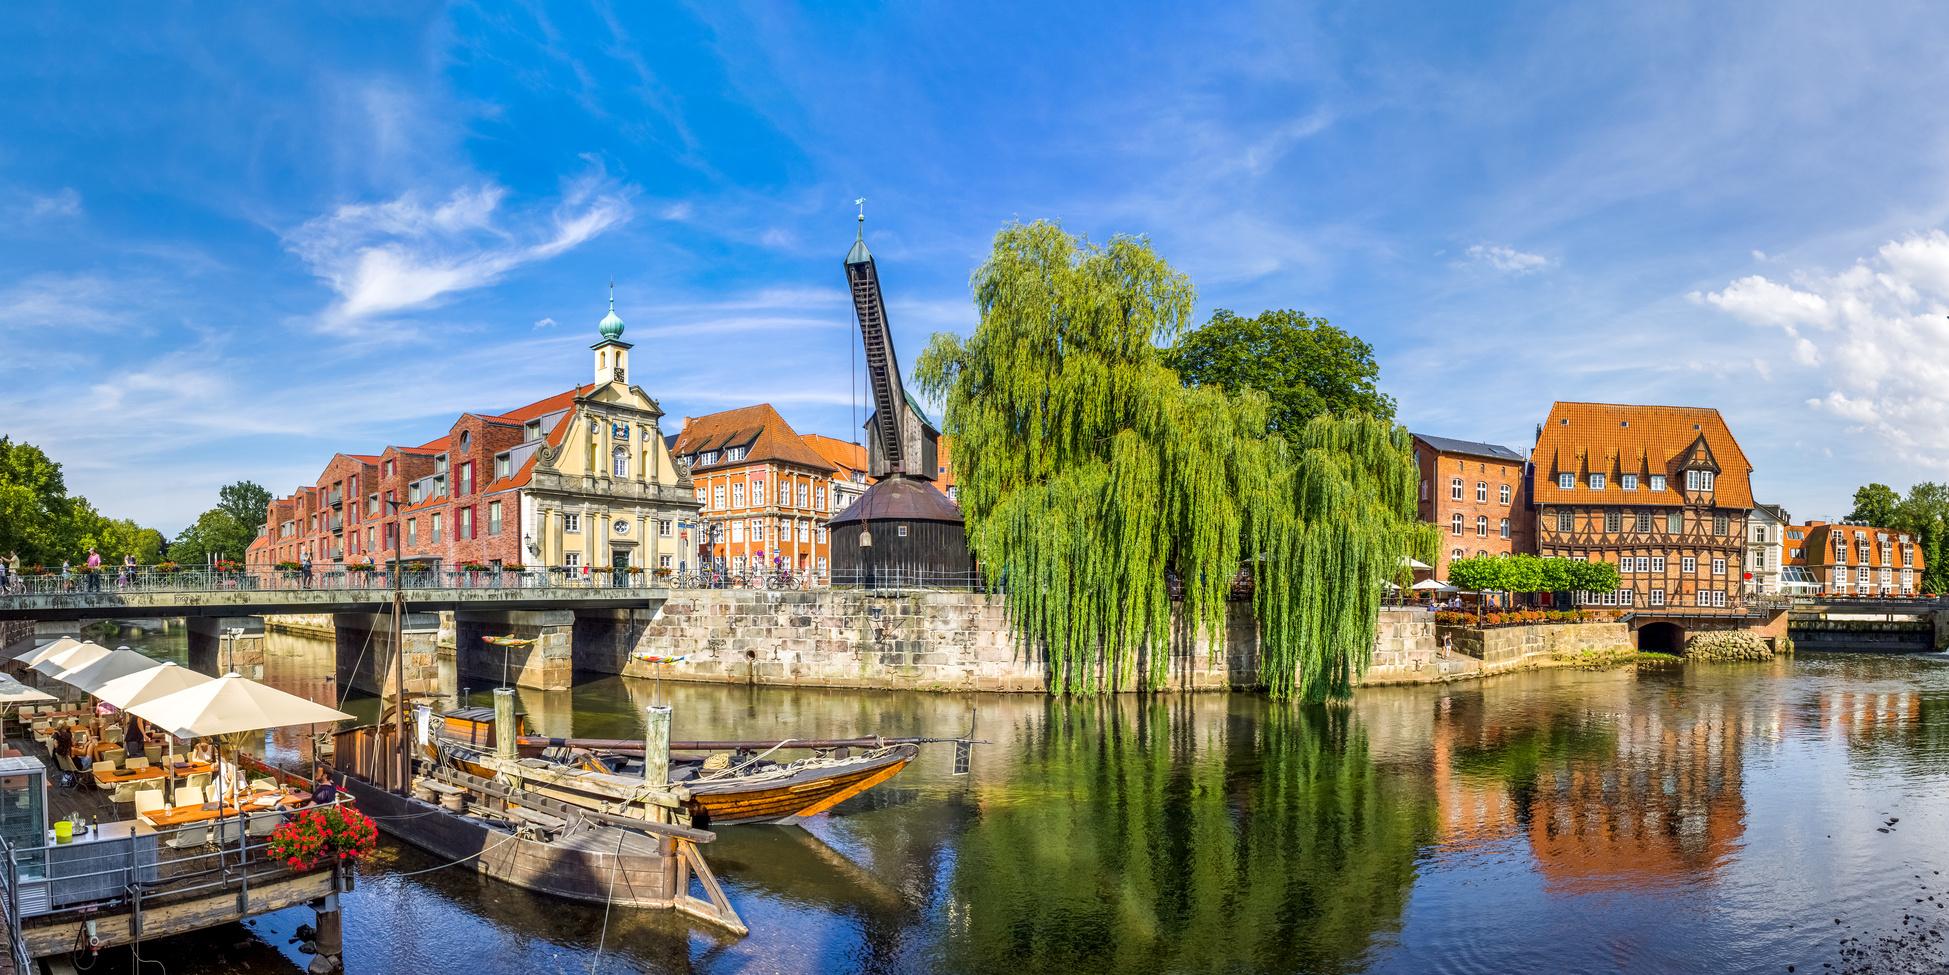 Baureinigung-Lüneburg - die Ö&I CLEAN group GmbH sorgt auch in Lüneburg für strahlenden Glanz!